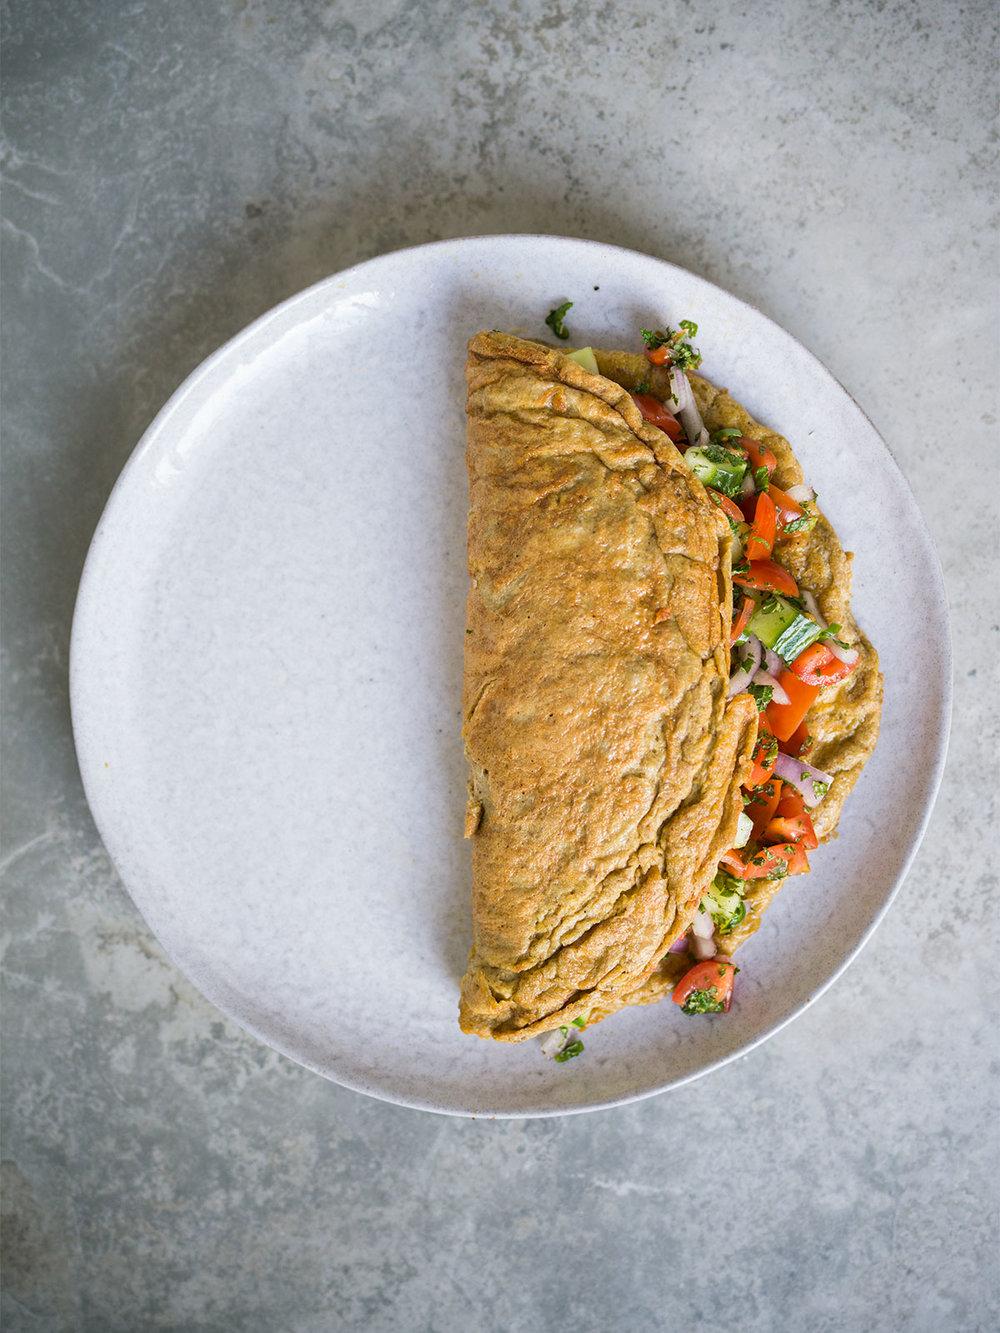 kachumber masala omelette